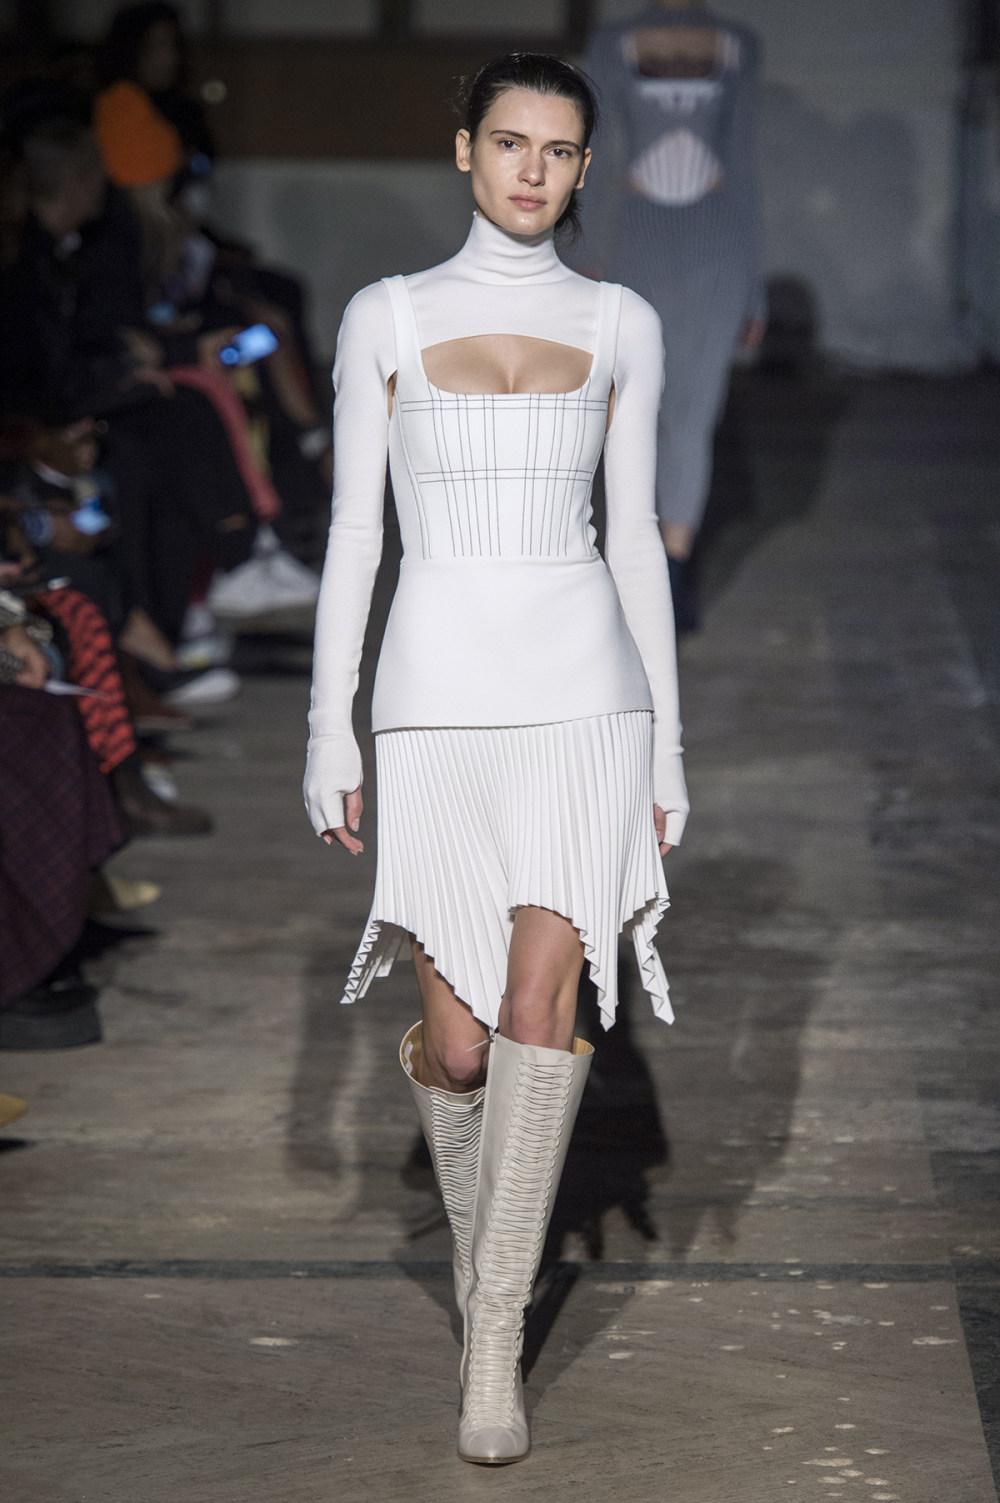 Dion Lee没有紧身衣的连衣裙被聚集或扭曲保持调色板的简约和奢华-13.jpg